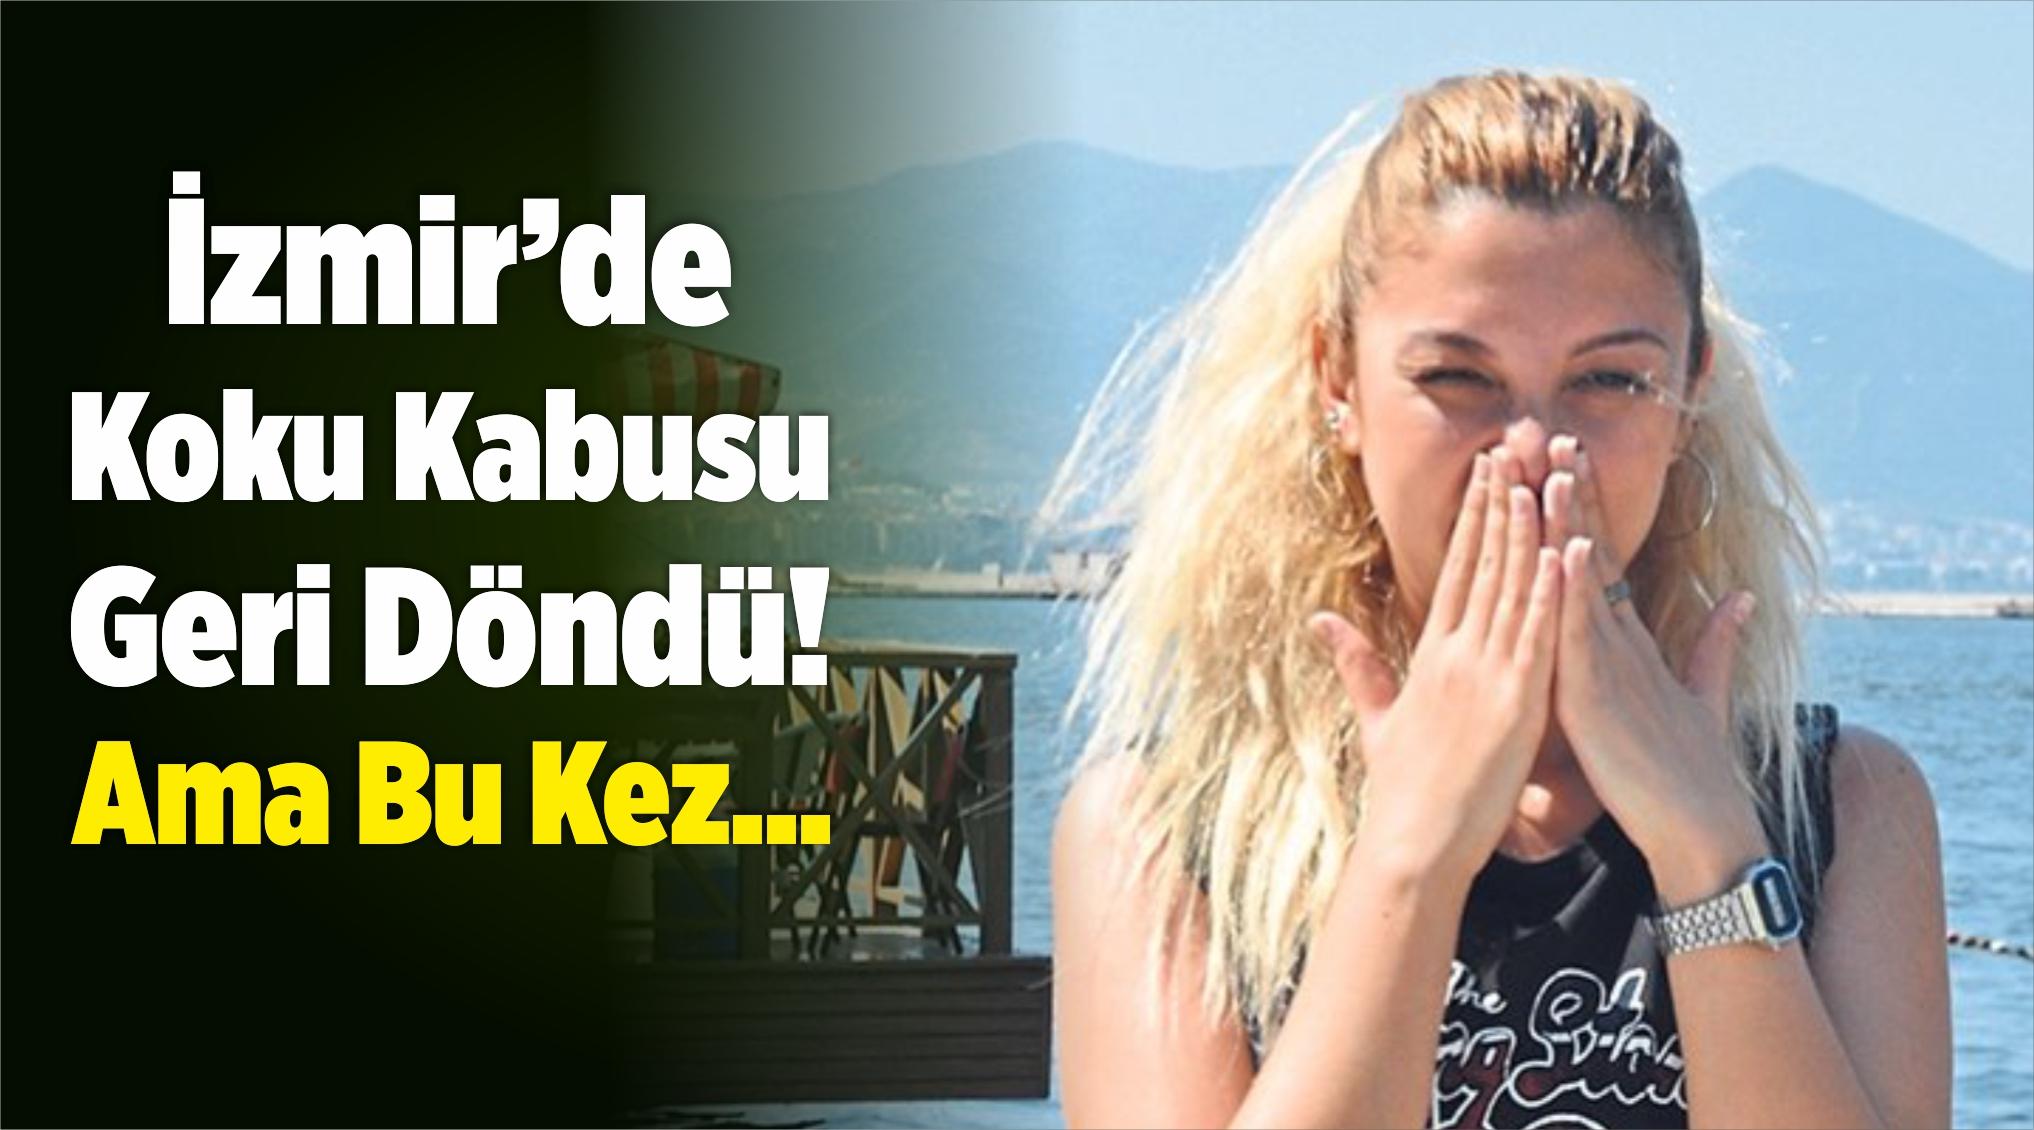 İzmir'de Koku Kabusu Geri Döndü! Ama Bu Kez…